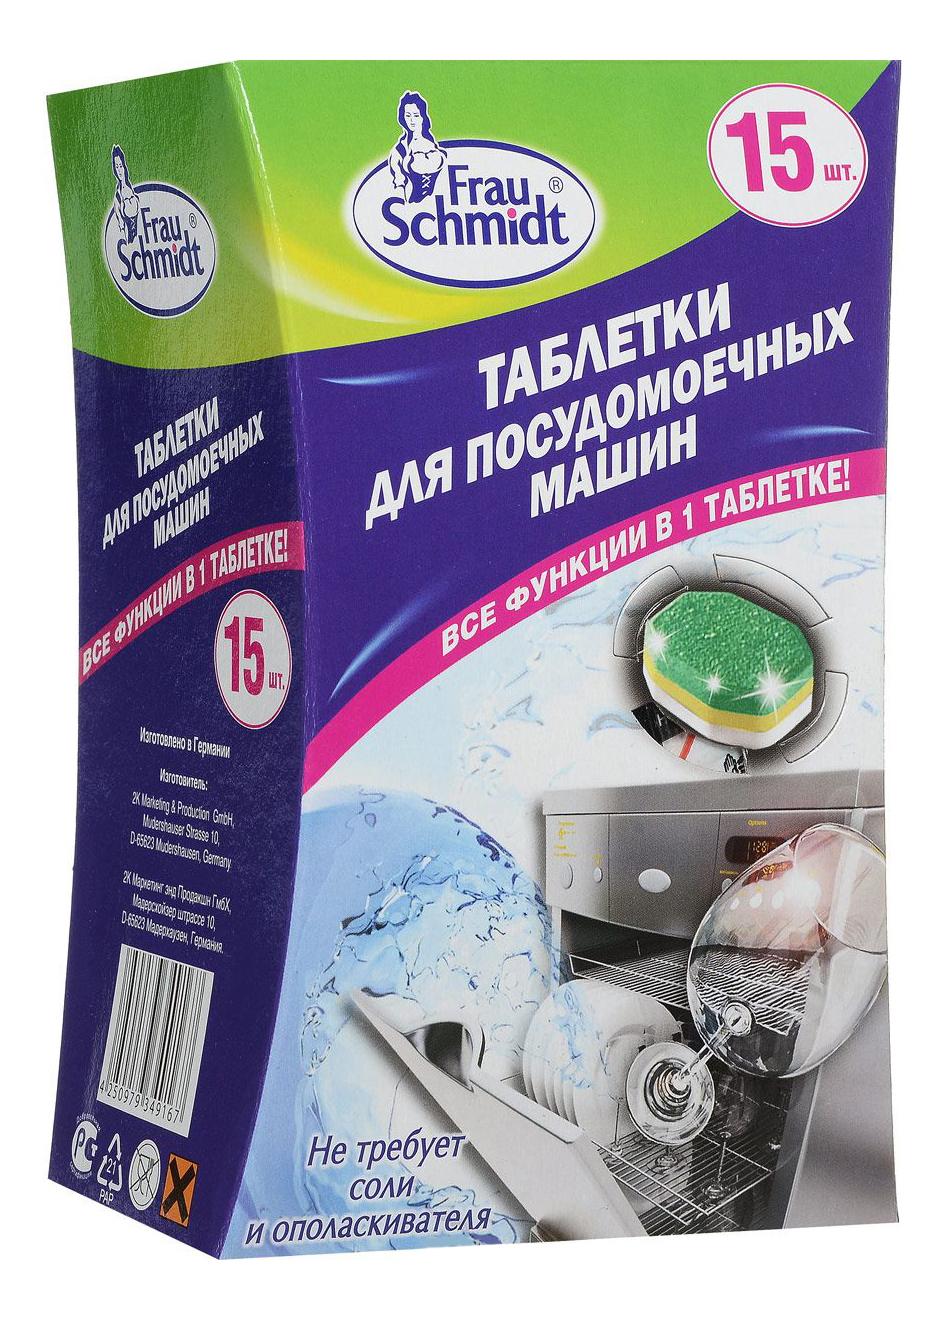 Таблетки для посудомоечной машины Frau Schmidt все в 1 15 штук